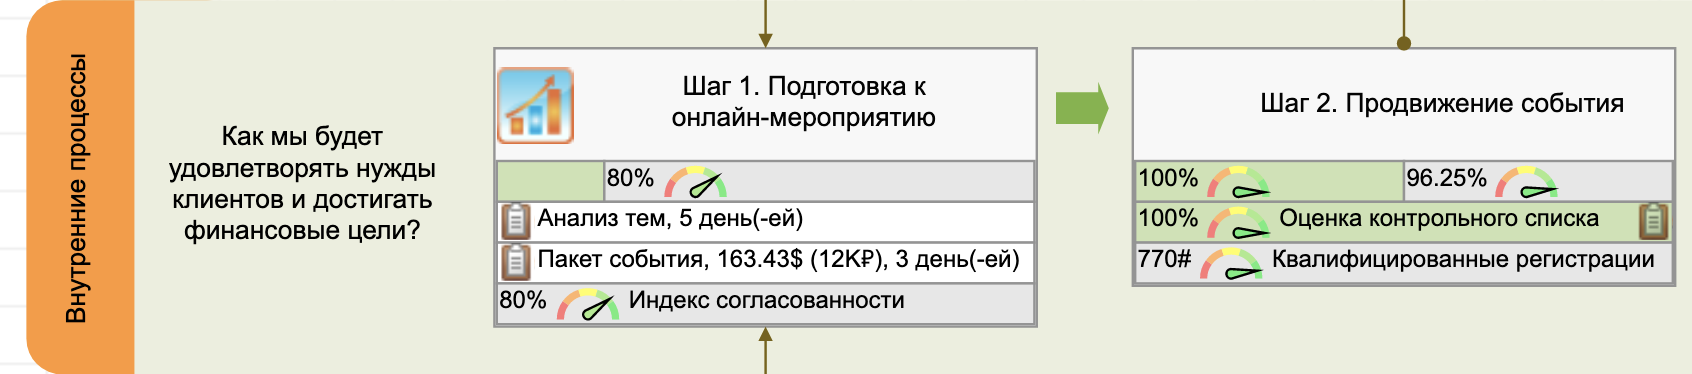 Внутренние цели онлайн-мероприятия: этап 1 и этап 2